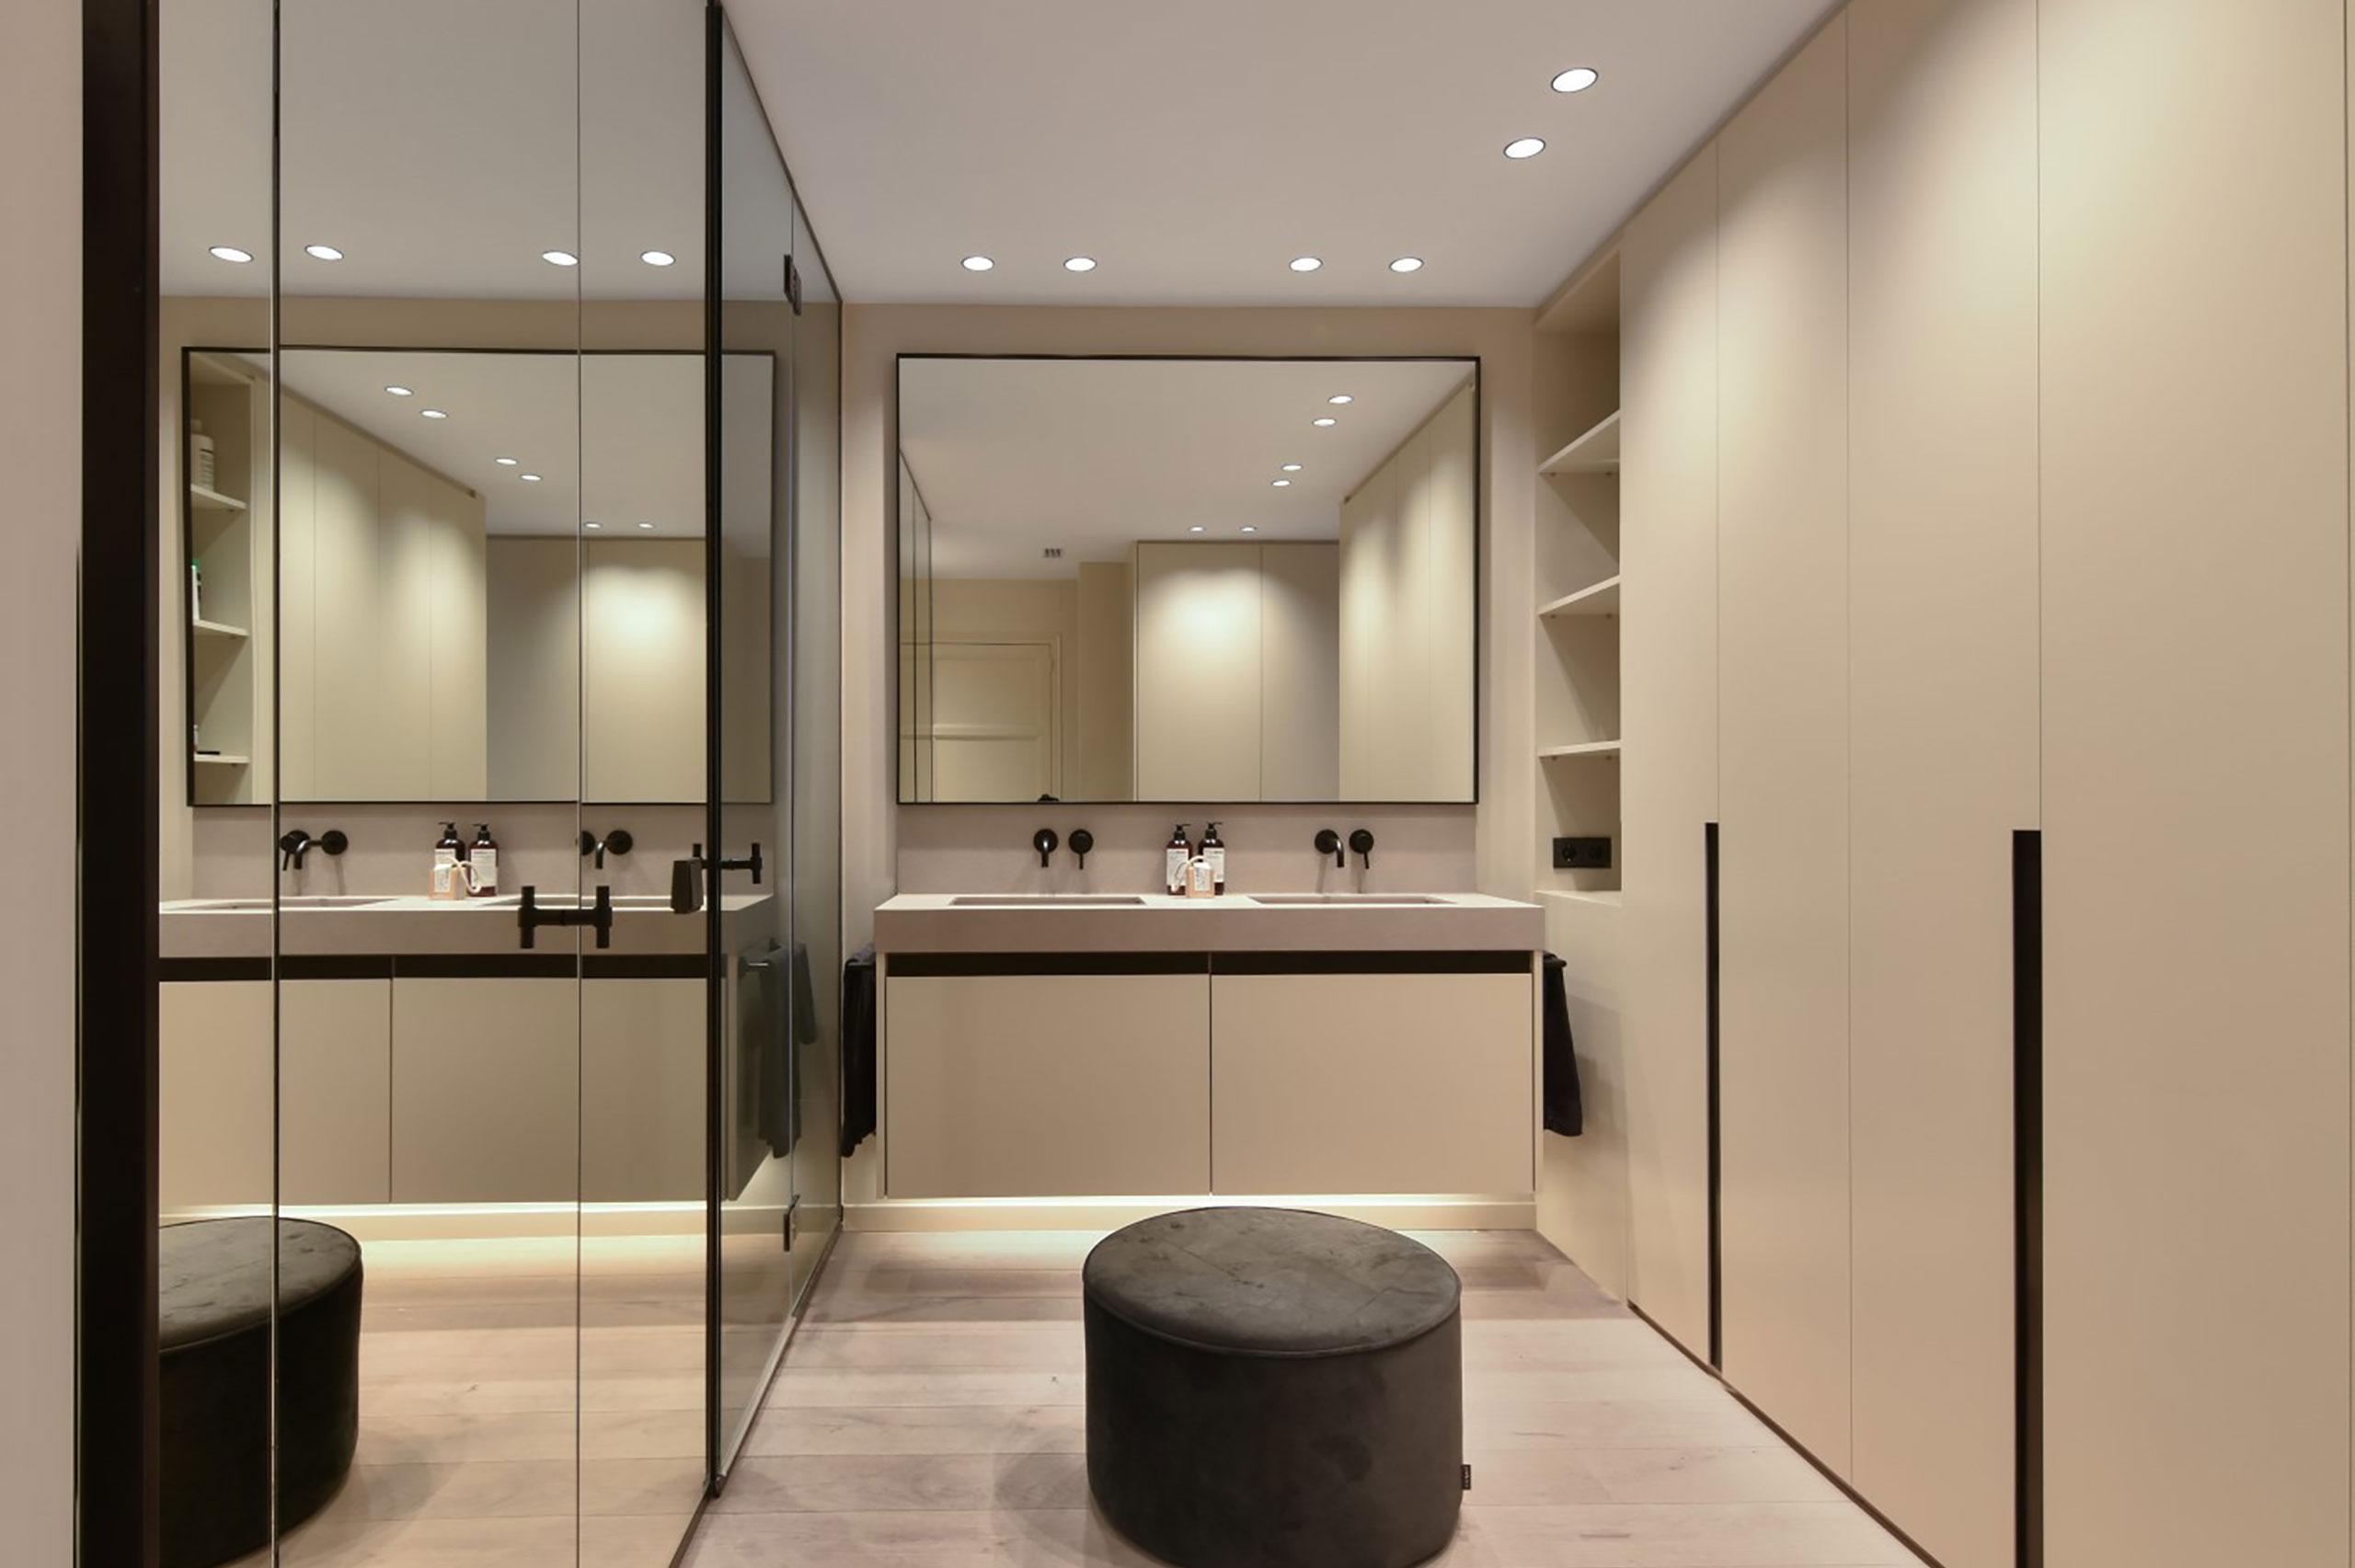 Interioristas Decoradores | Mimouca Design